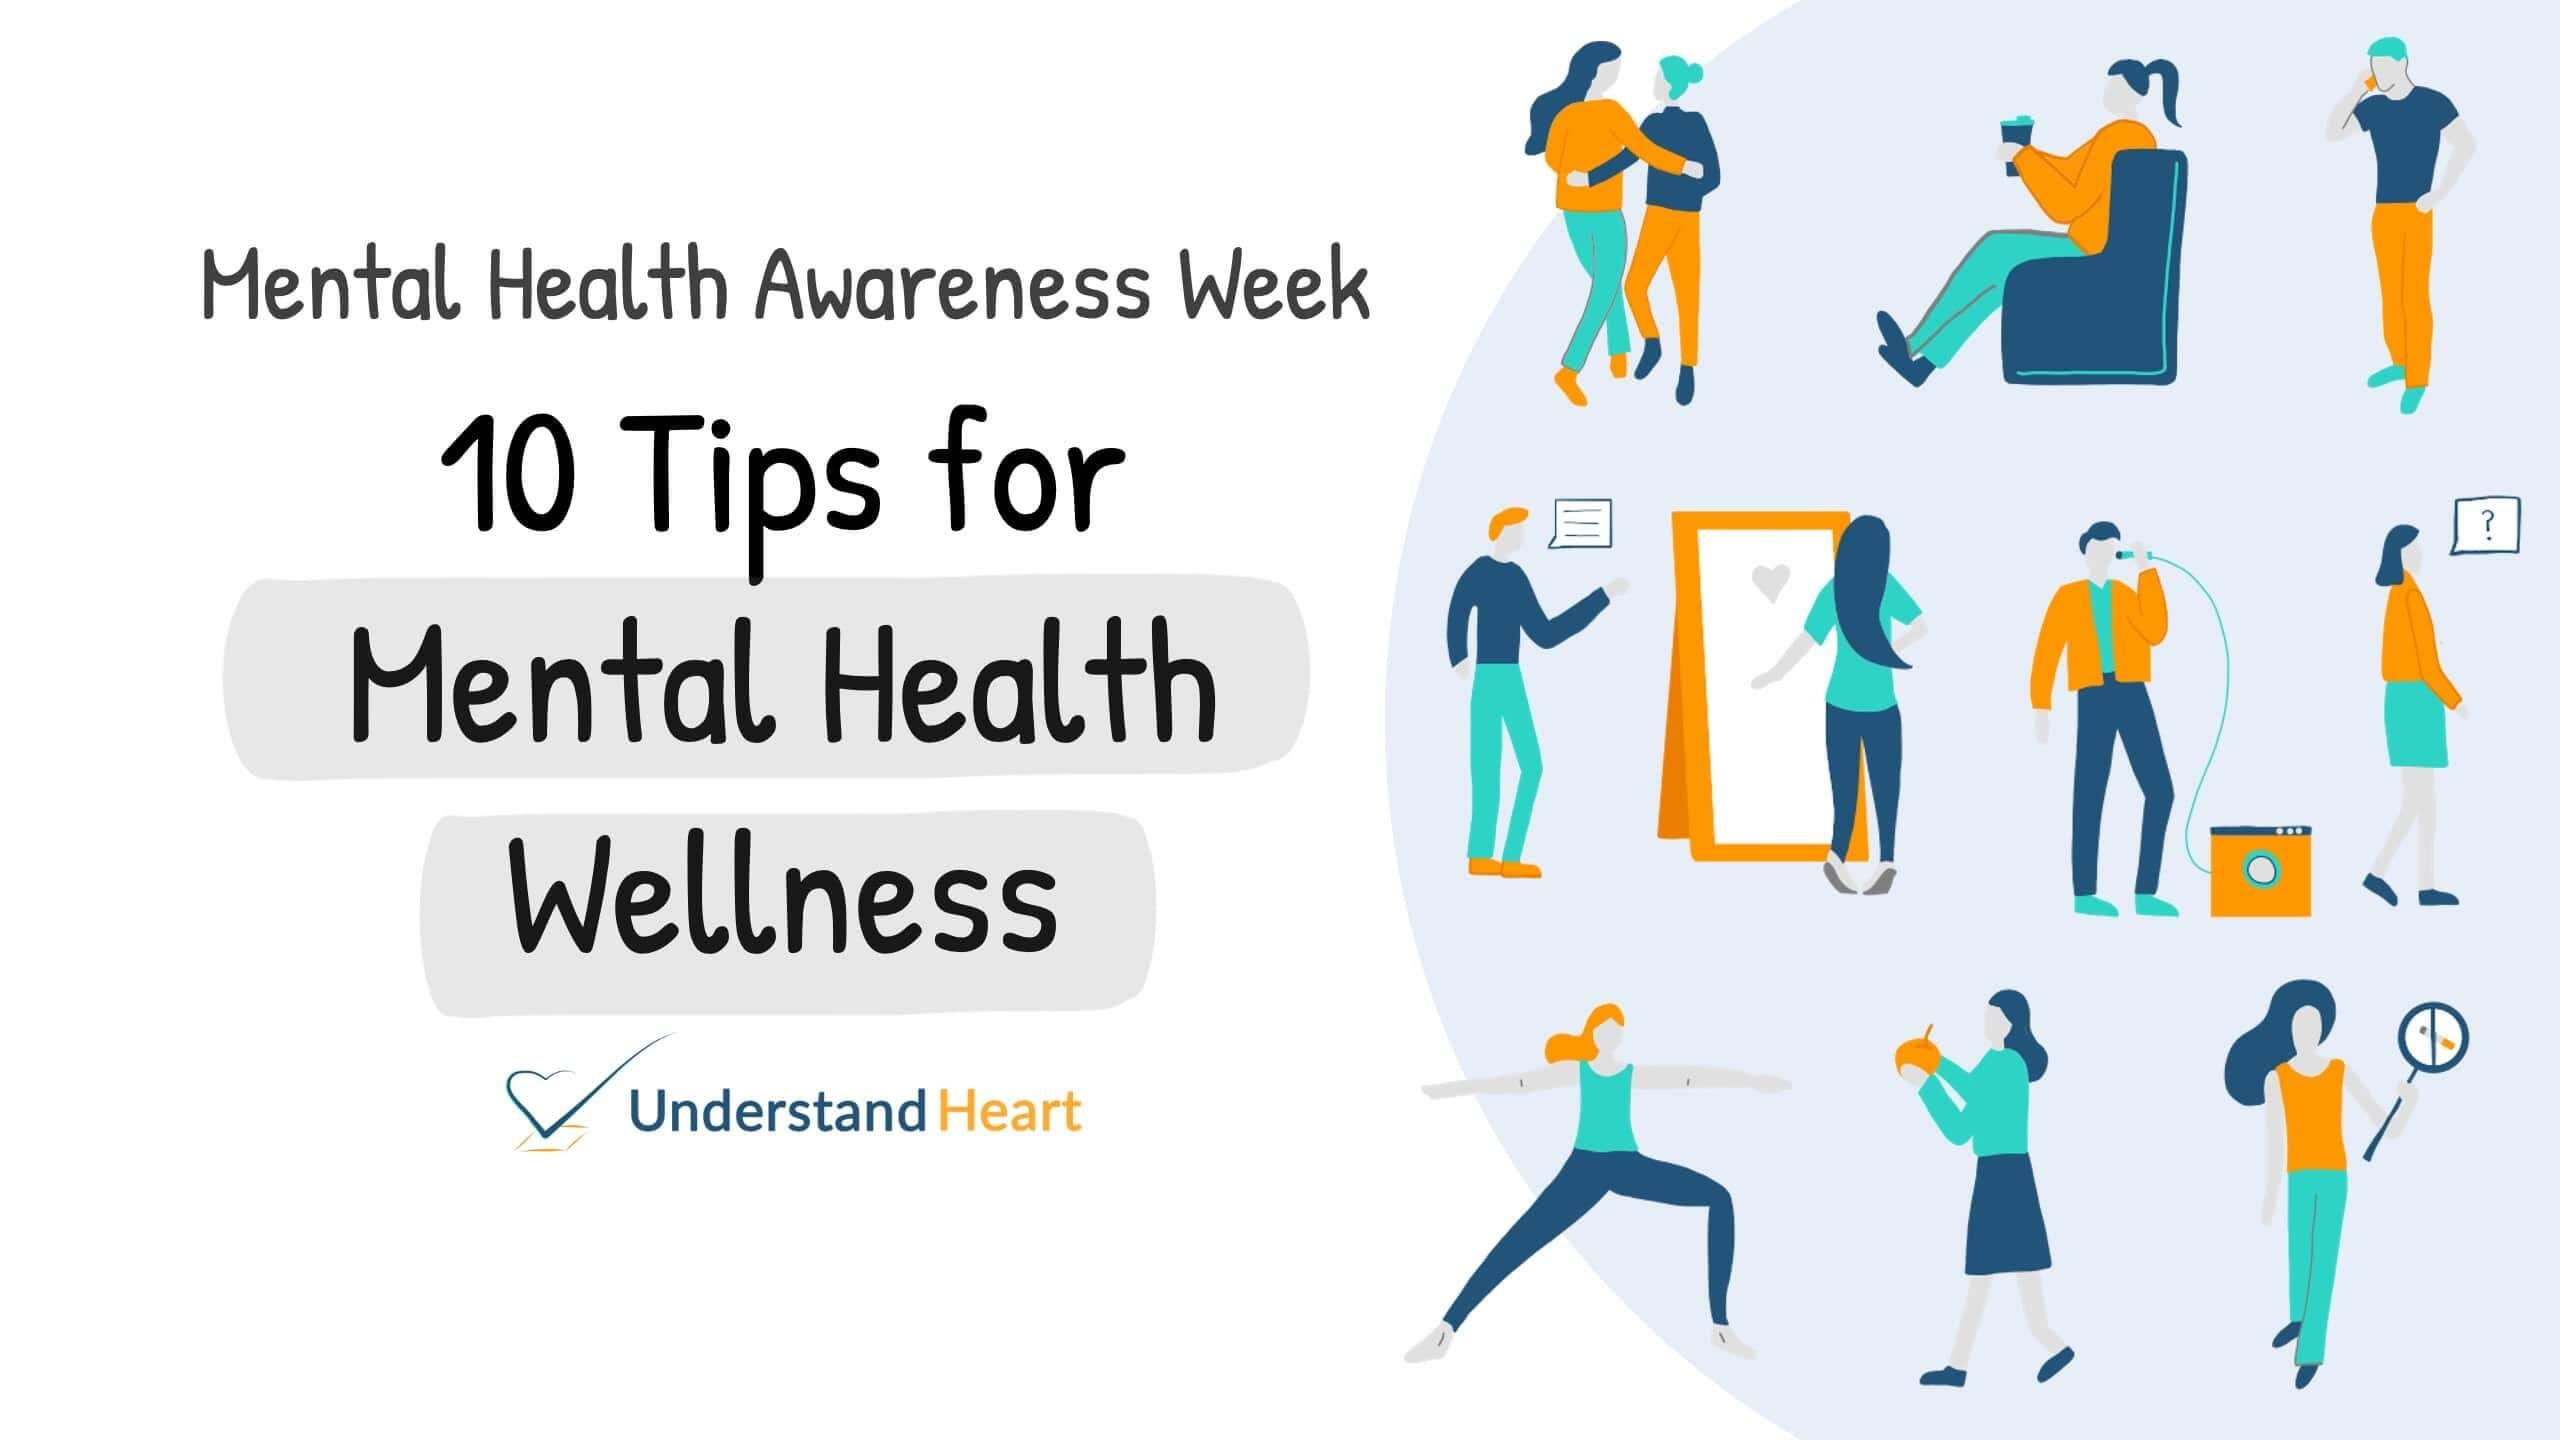 Mental Health Wellbeing Tips | Mental Health Awareness Week